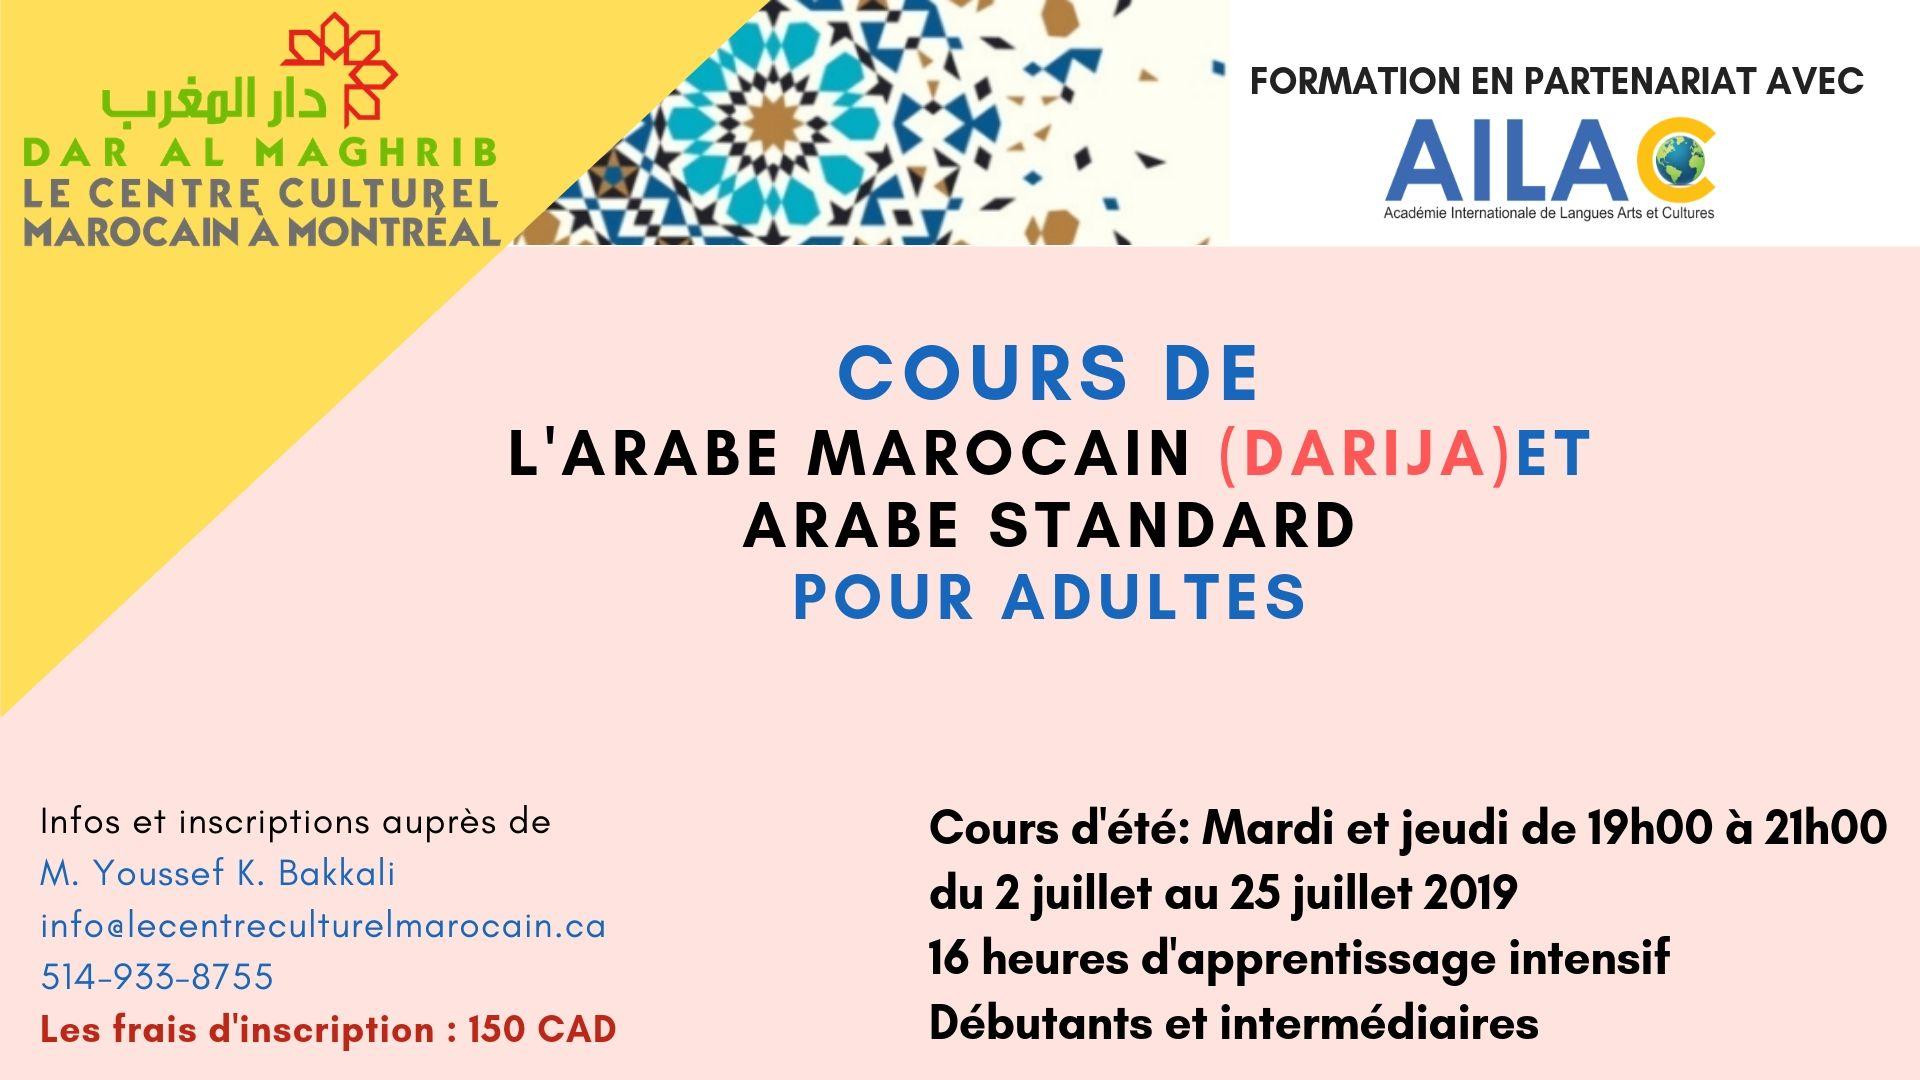 Cours d'été intensifs pour l'apprentissage du dialecte arabe marocain pour adultes